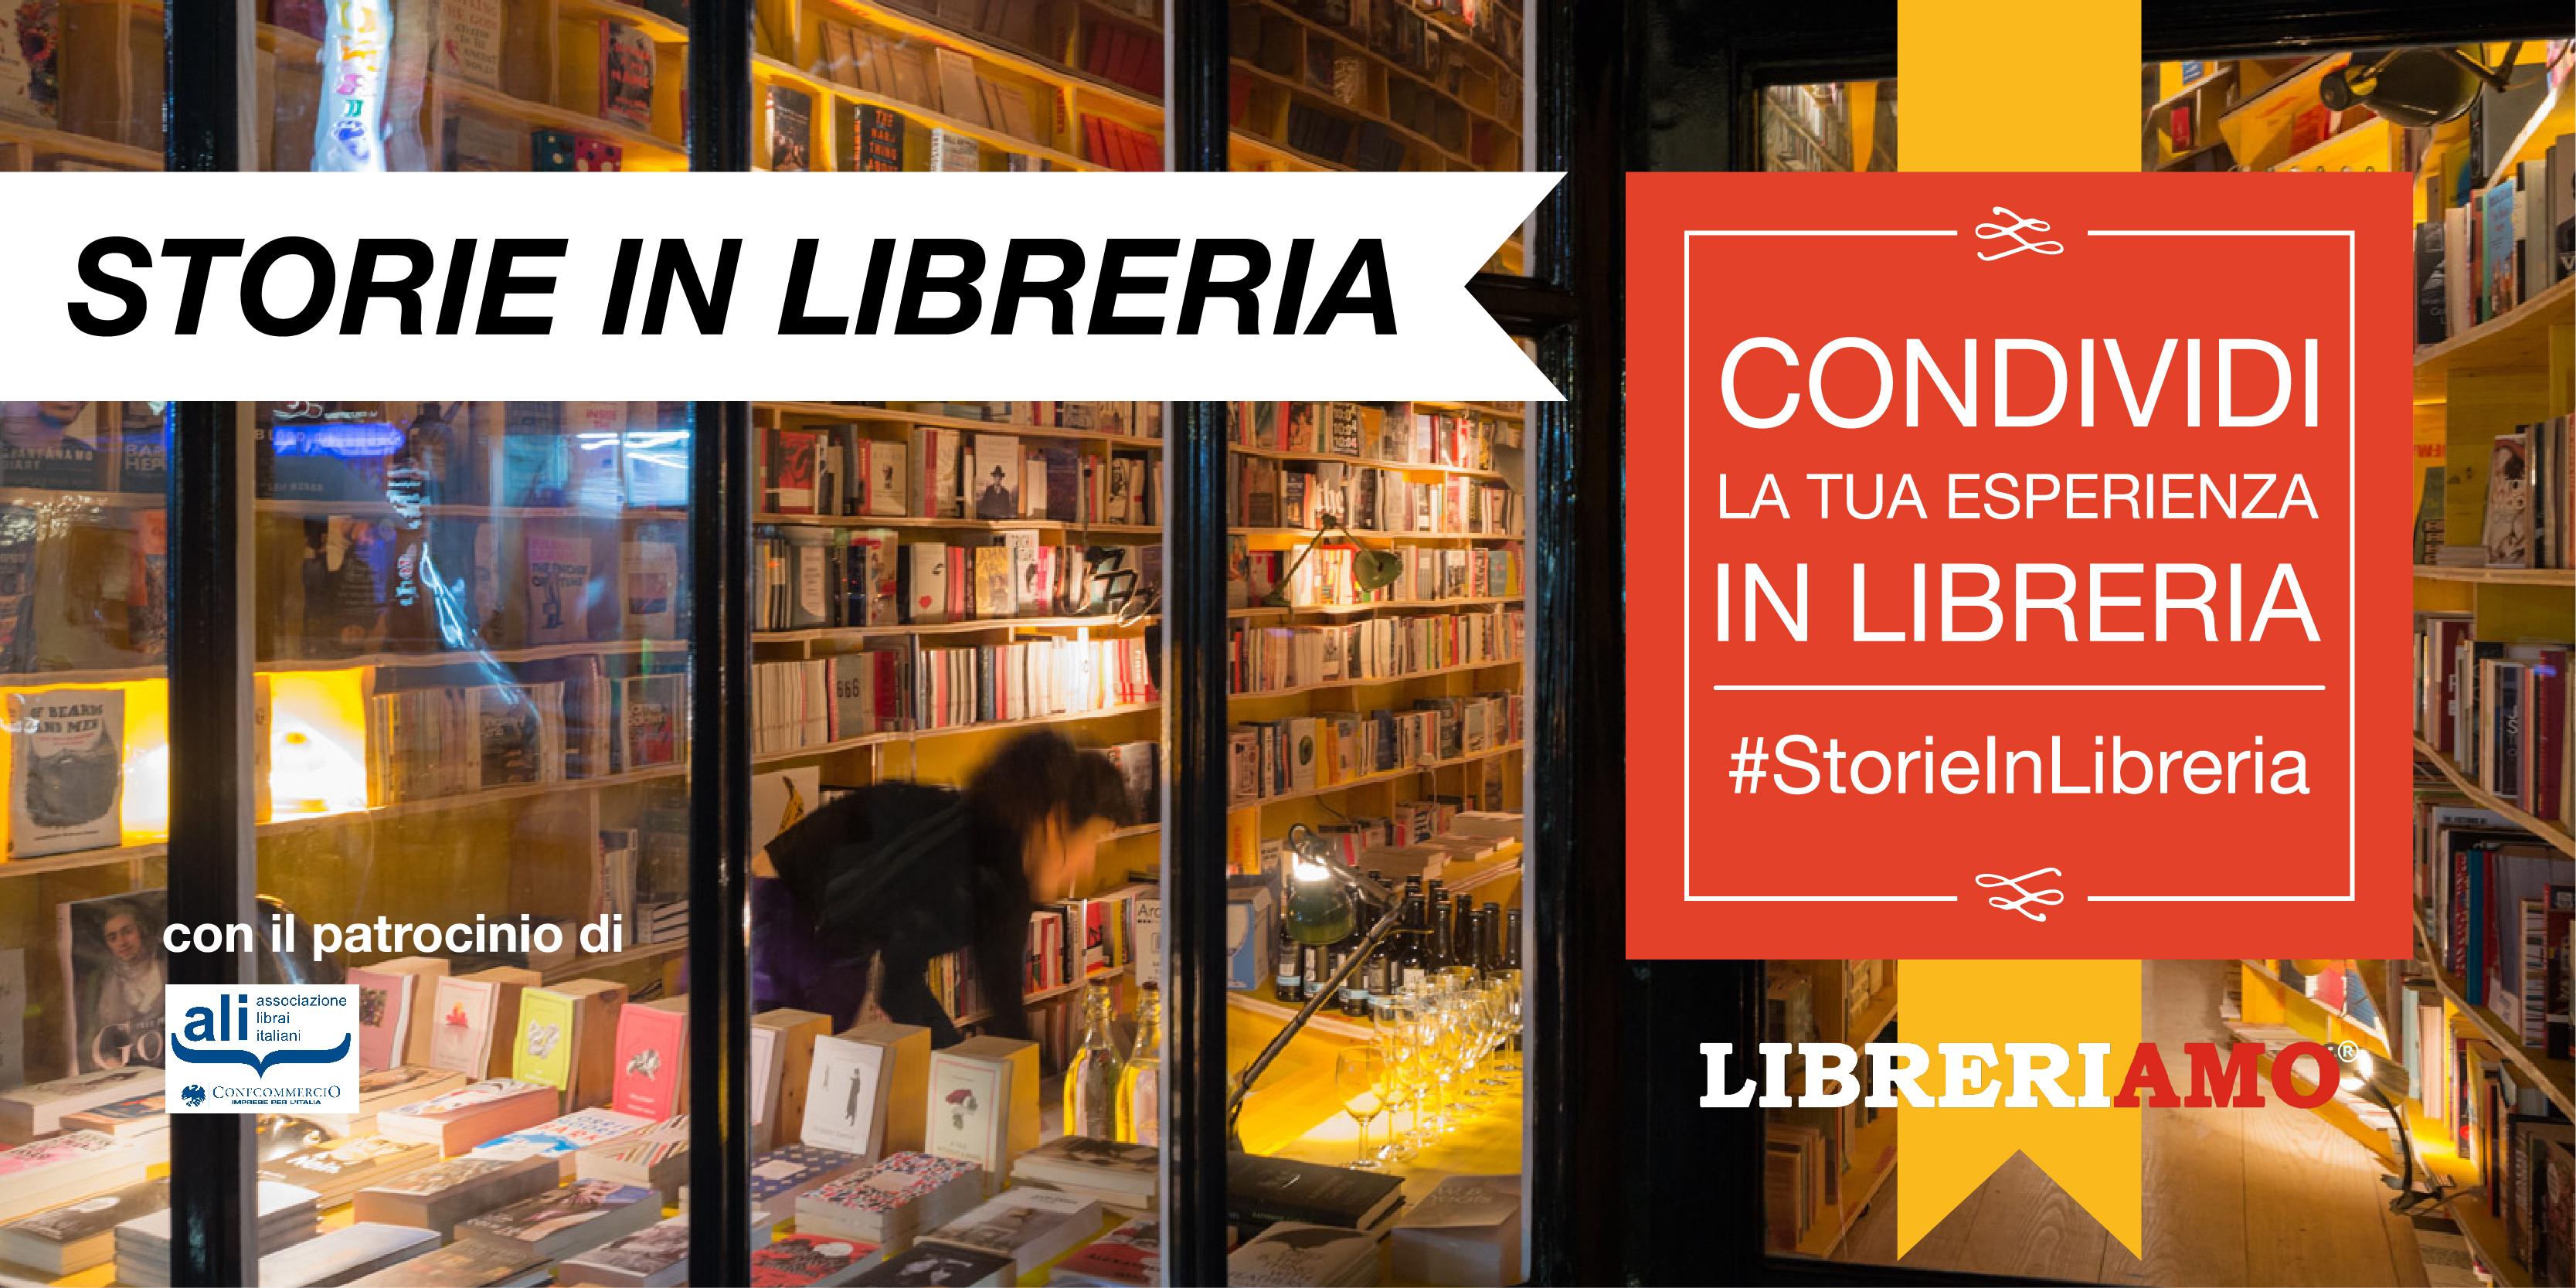 #StorieInLibreria, al via la campagna social che celebra le librerie d'Italia